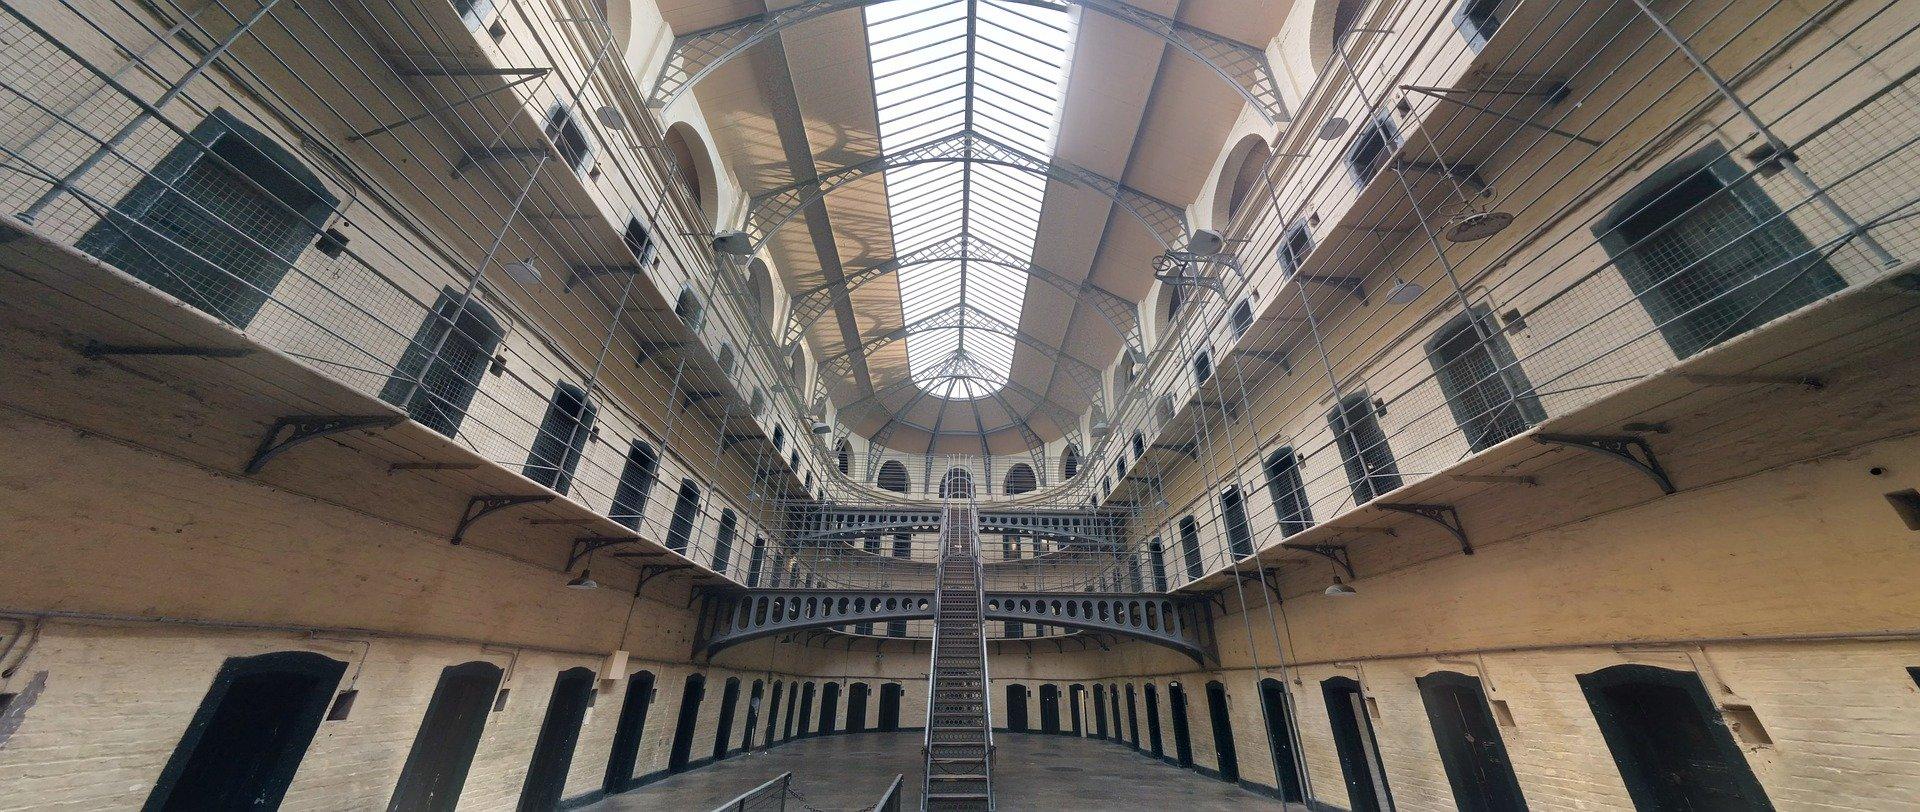 jail-1817900_1920